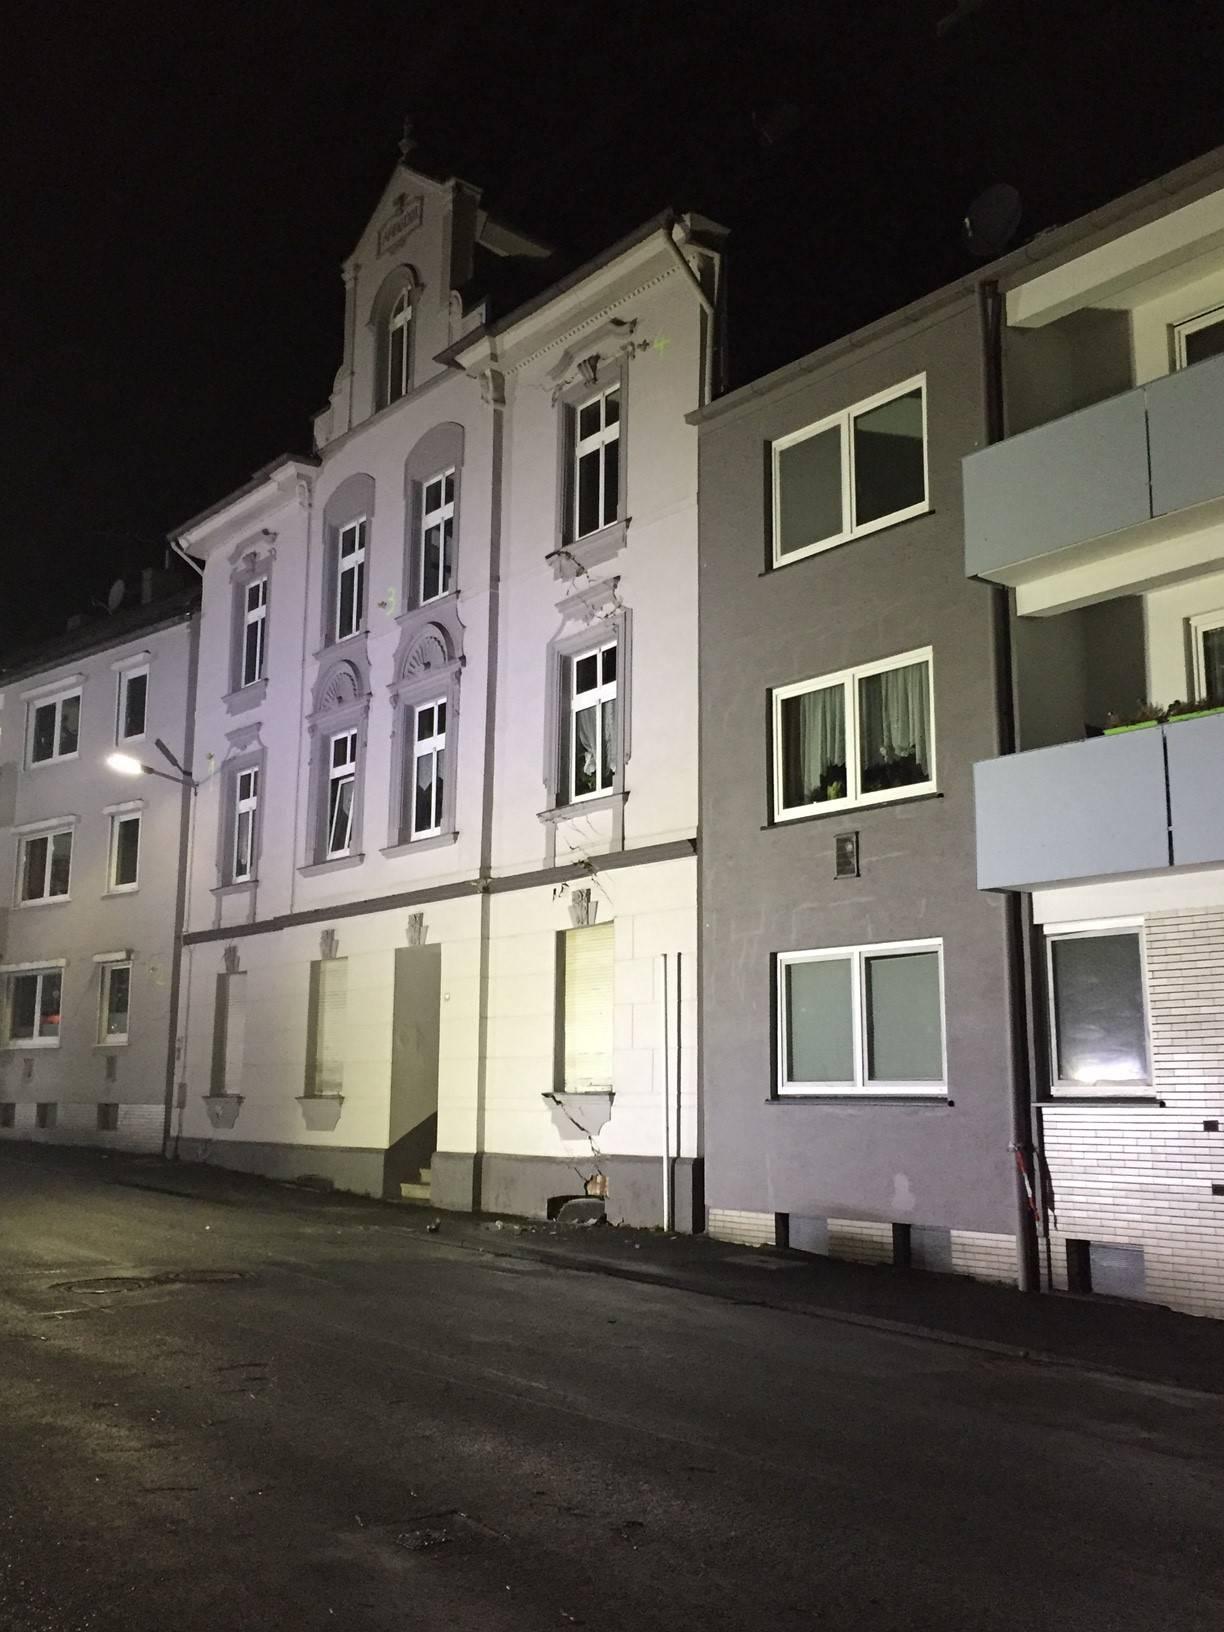 Neue Erkenntnisse zu einsturzgefährdeten Häusern in Wuppertal